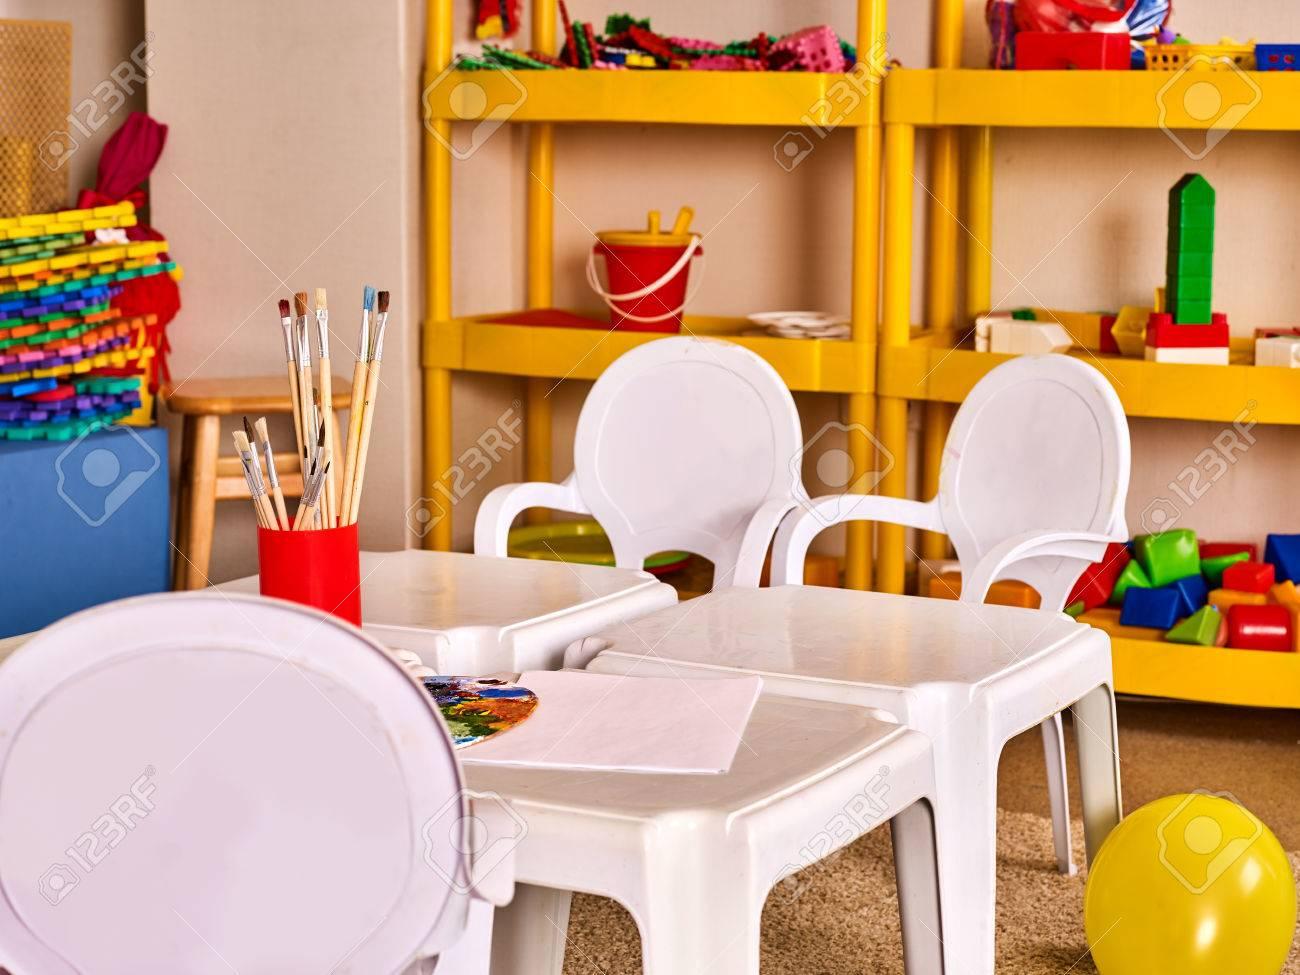 Tavoli Da Gioco Per Bambini : Tavoli da giardino e sedie in scaffali per arredamento per